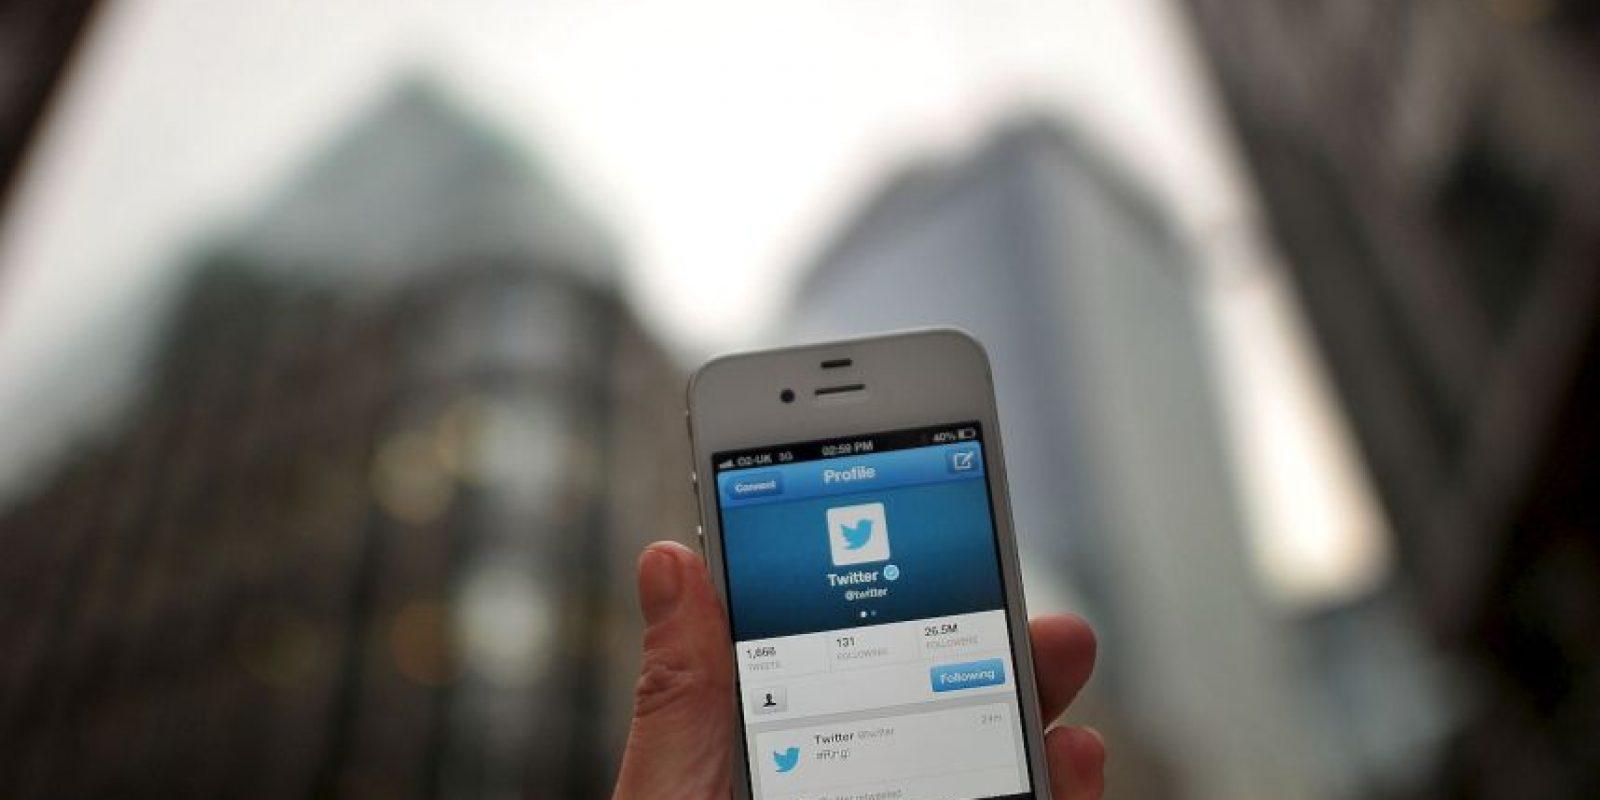 Las mentiras prosociales contribuyen a la cohesión de la red, mientras que las antisociales provocan que la gente se distancie y rompa con esa relación virtual, se concluyó en el estudio. Foto:Getty Images